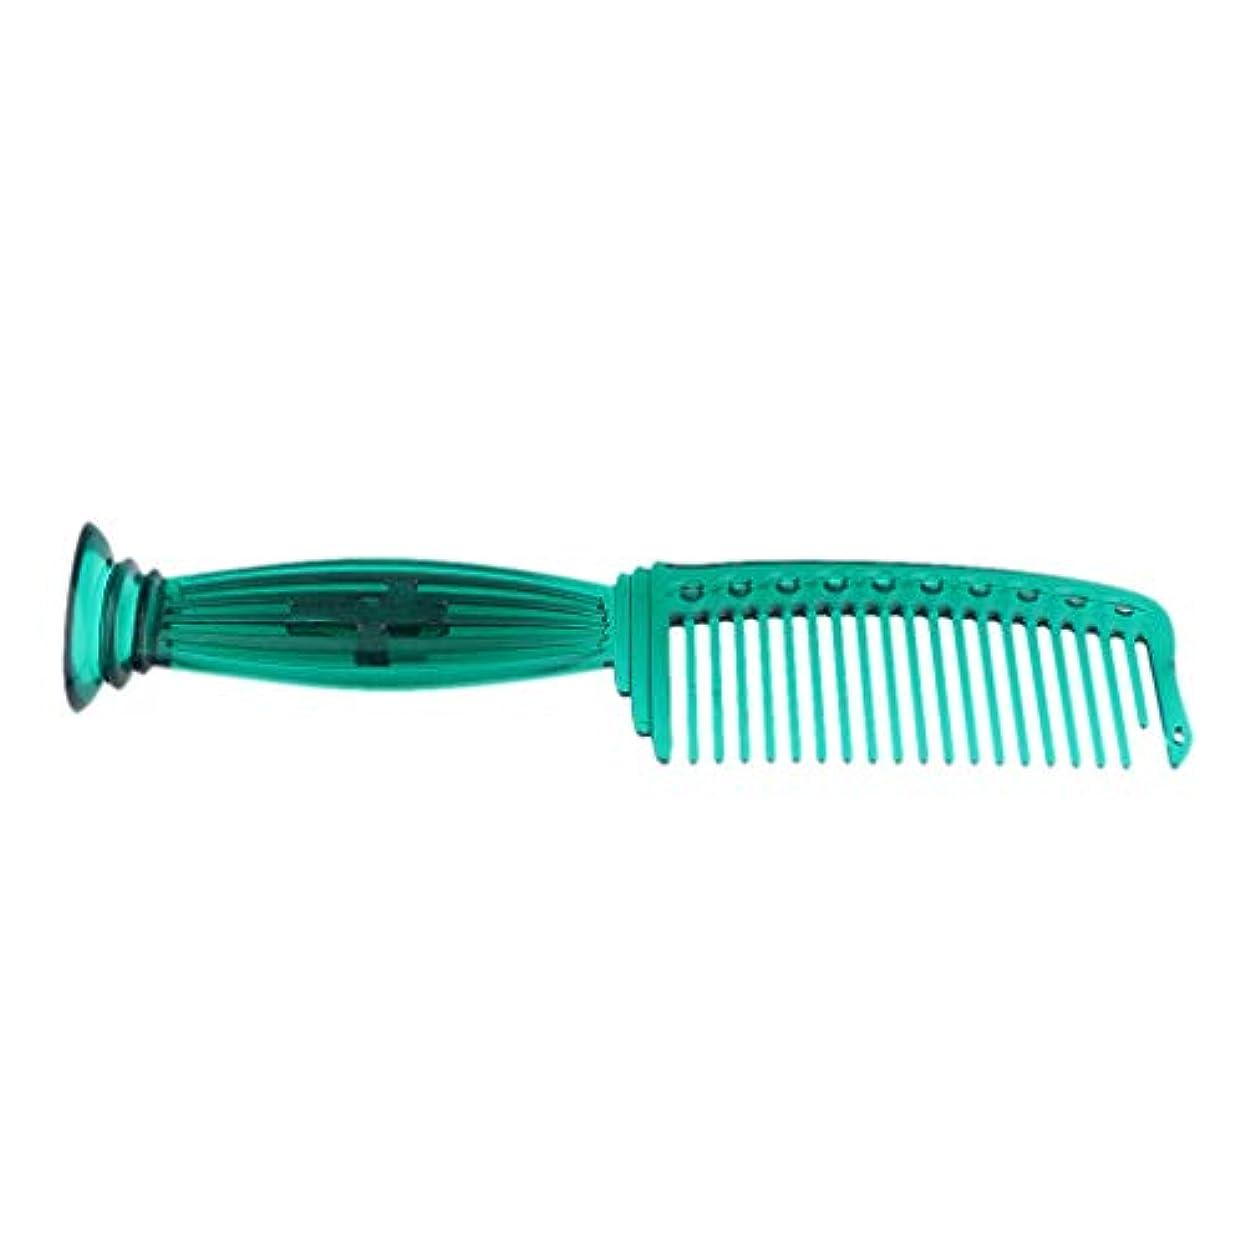 哲学者刈り取る懺悔T TOOYFUL 全5色 ワイド歯 ヘアコーム ヘアブラシ プラスチック櫛 頭皮保護 櫛 プロ ヘアサロン 理髪師用 - 緑